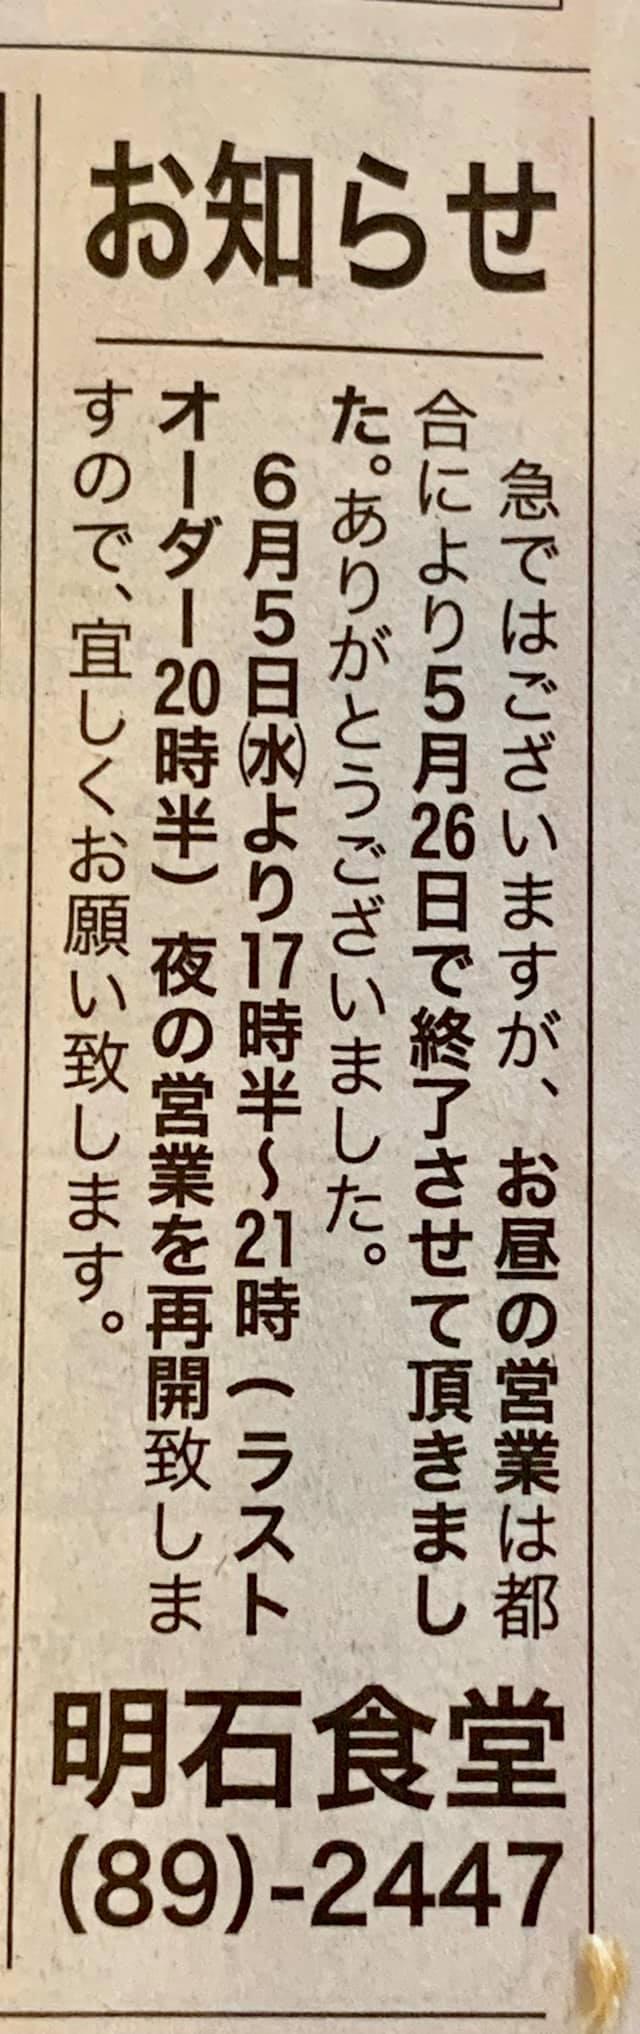 【ハナタカ情報】明石食堂、ランチ営業終了